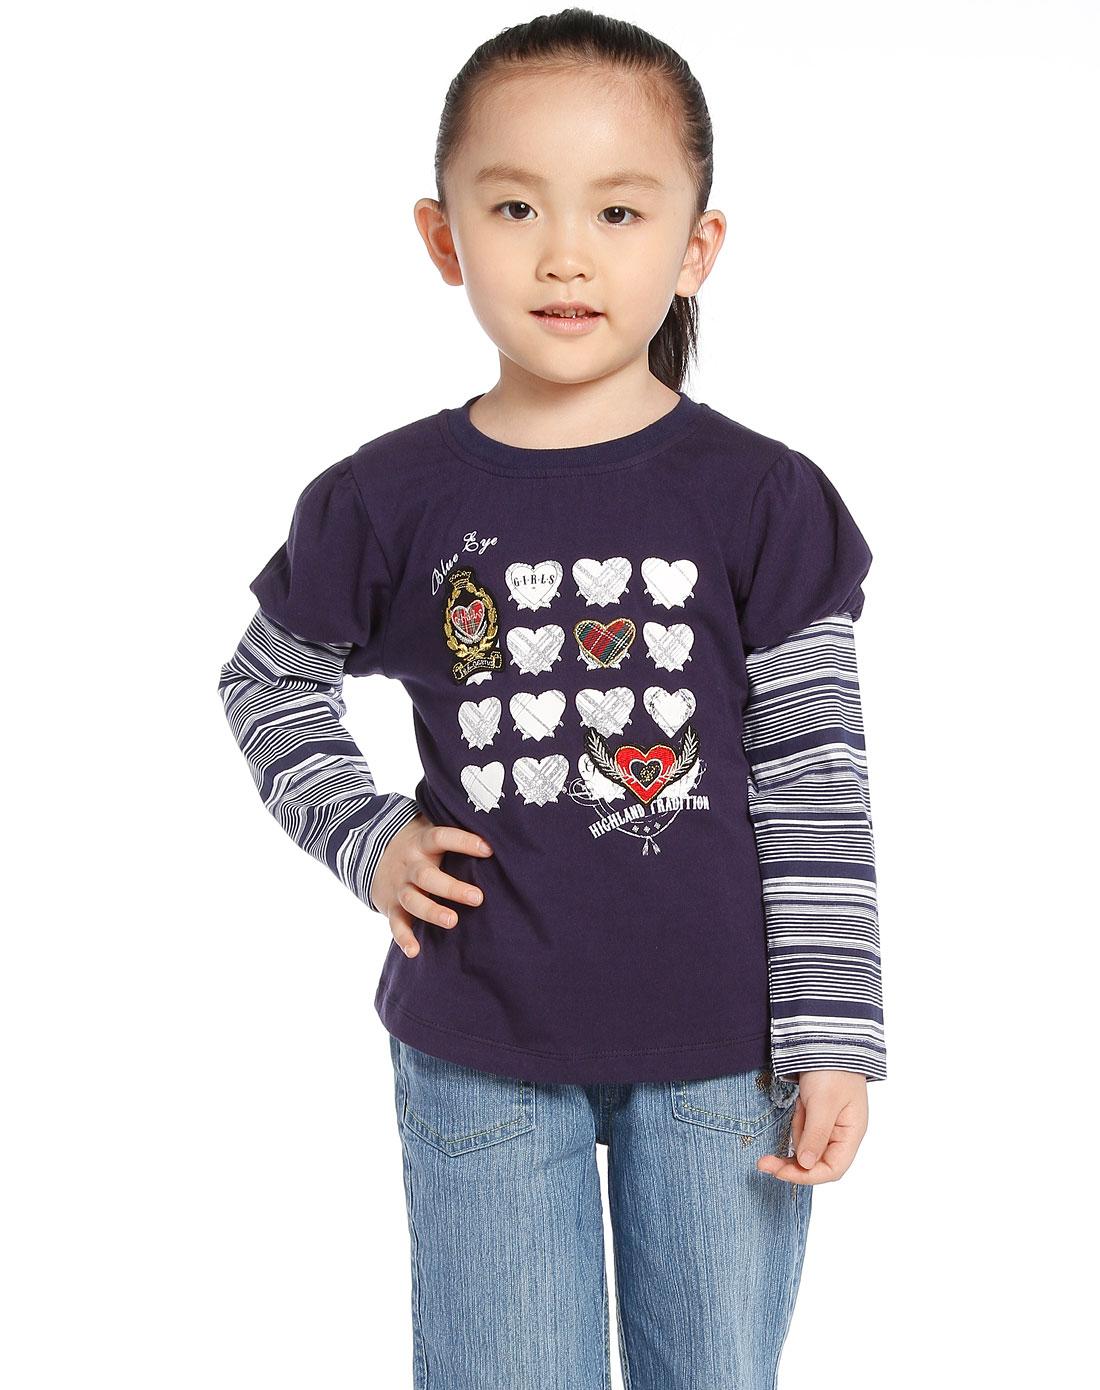 女童紫色长袖t恤_蓝眼精灵官网特价1.9折起